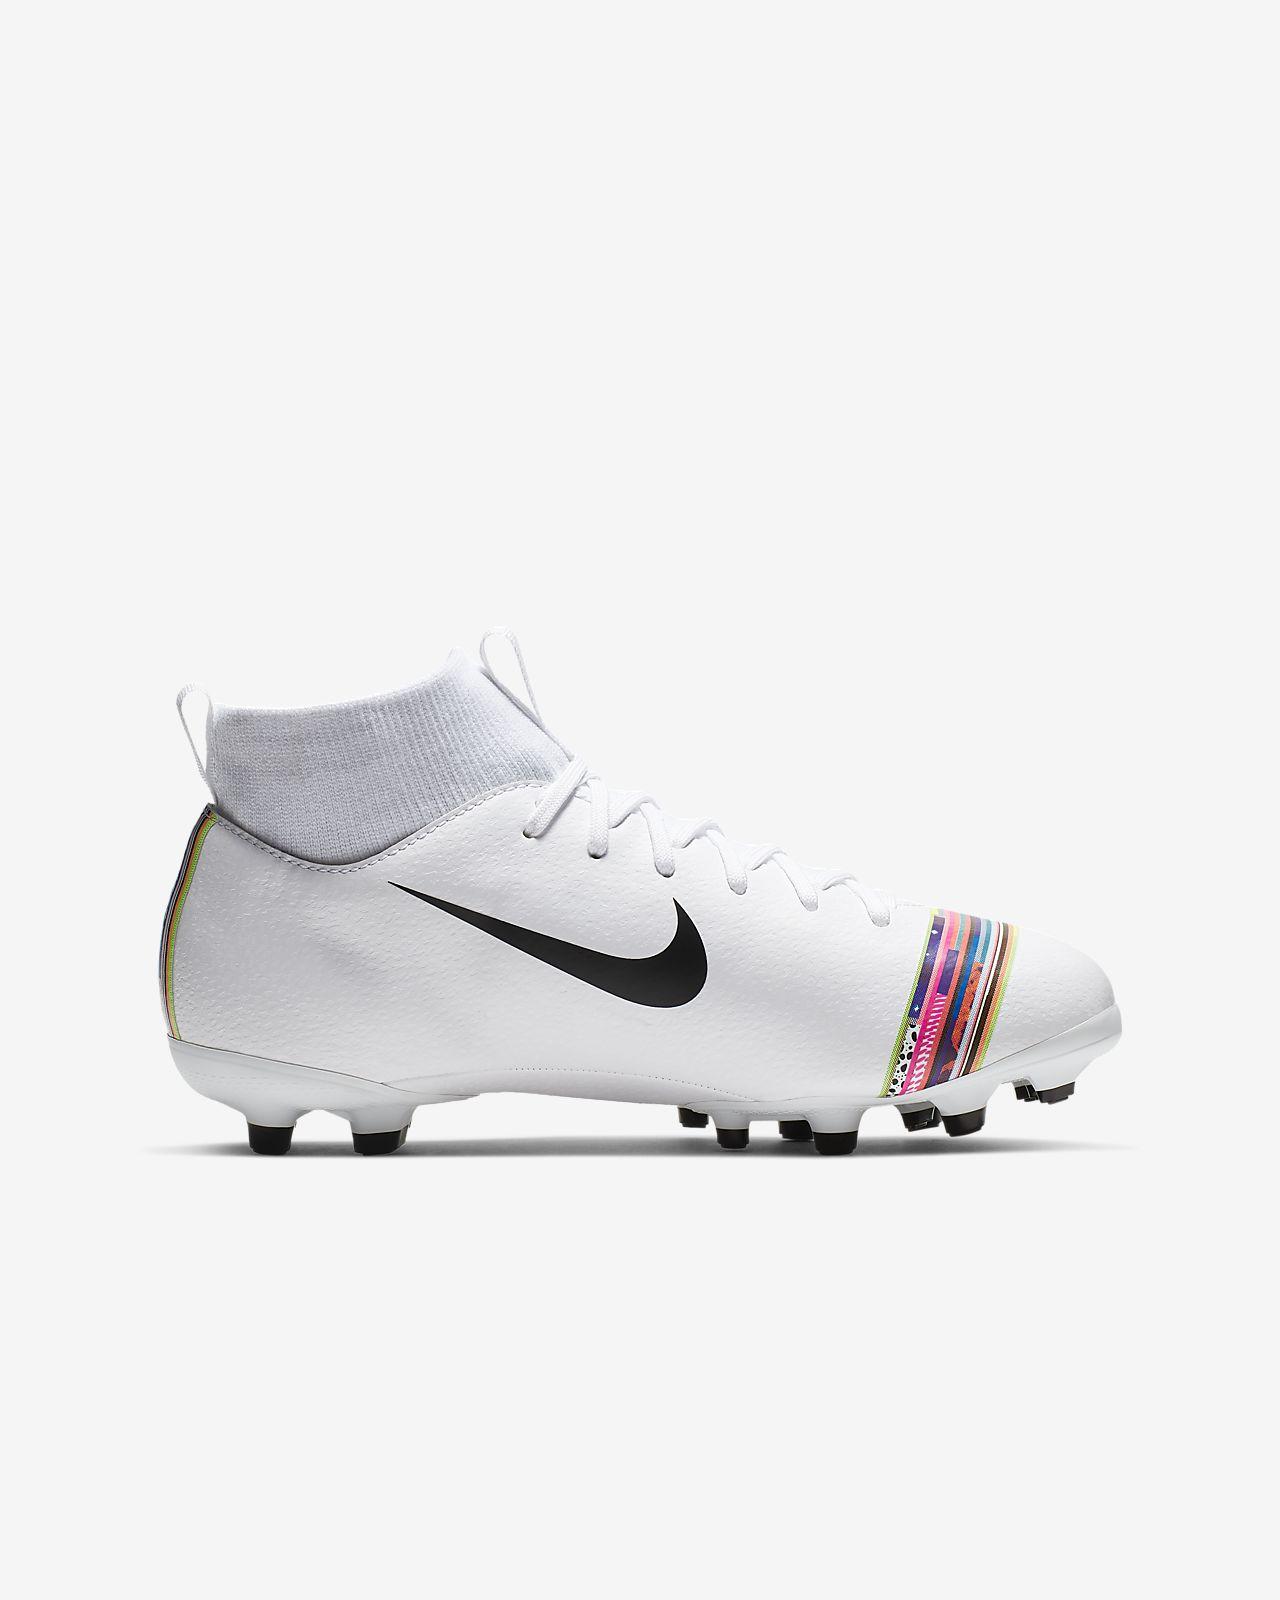 more photos b248b dfe31 ... Nike Jr. Superfly 6 Academy LVL UP MG Fußballschuh für verschiedene  Böden für jüngere/